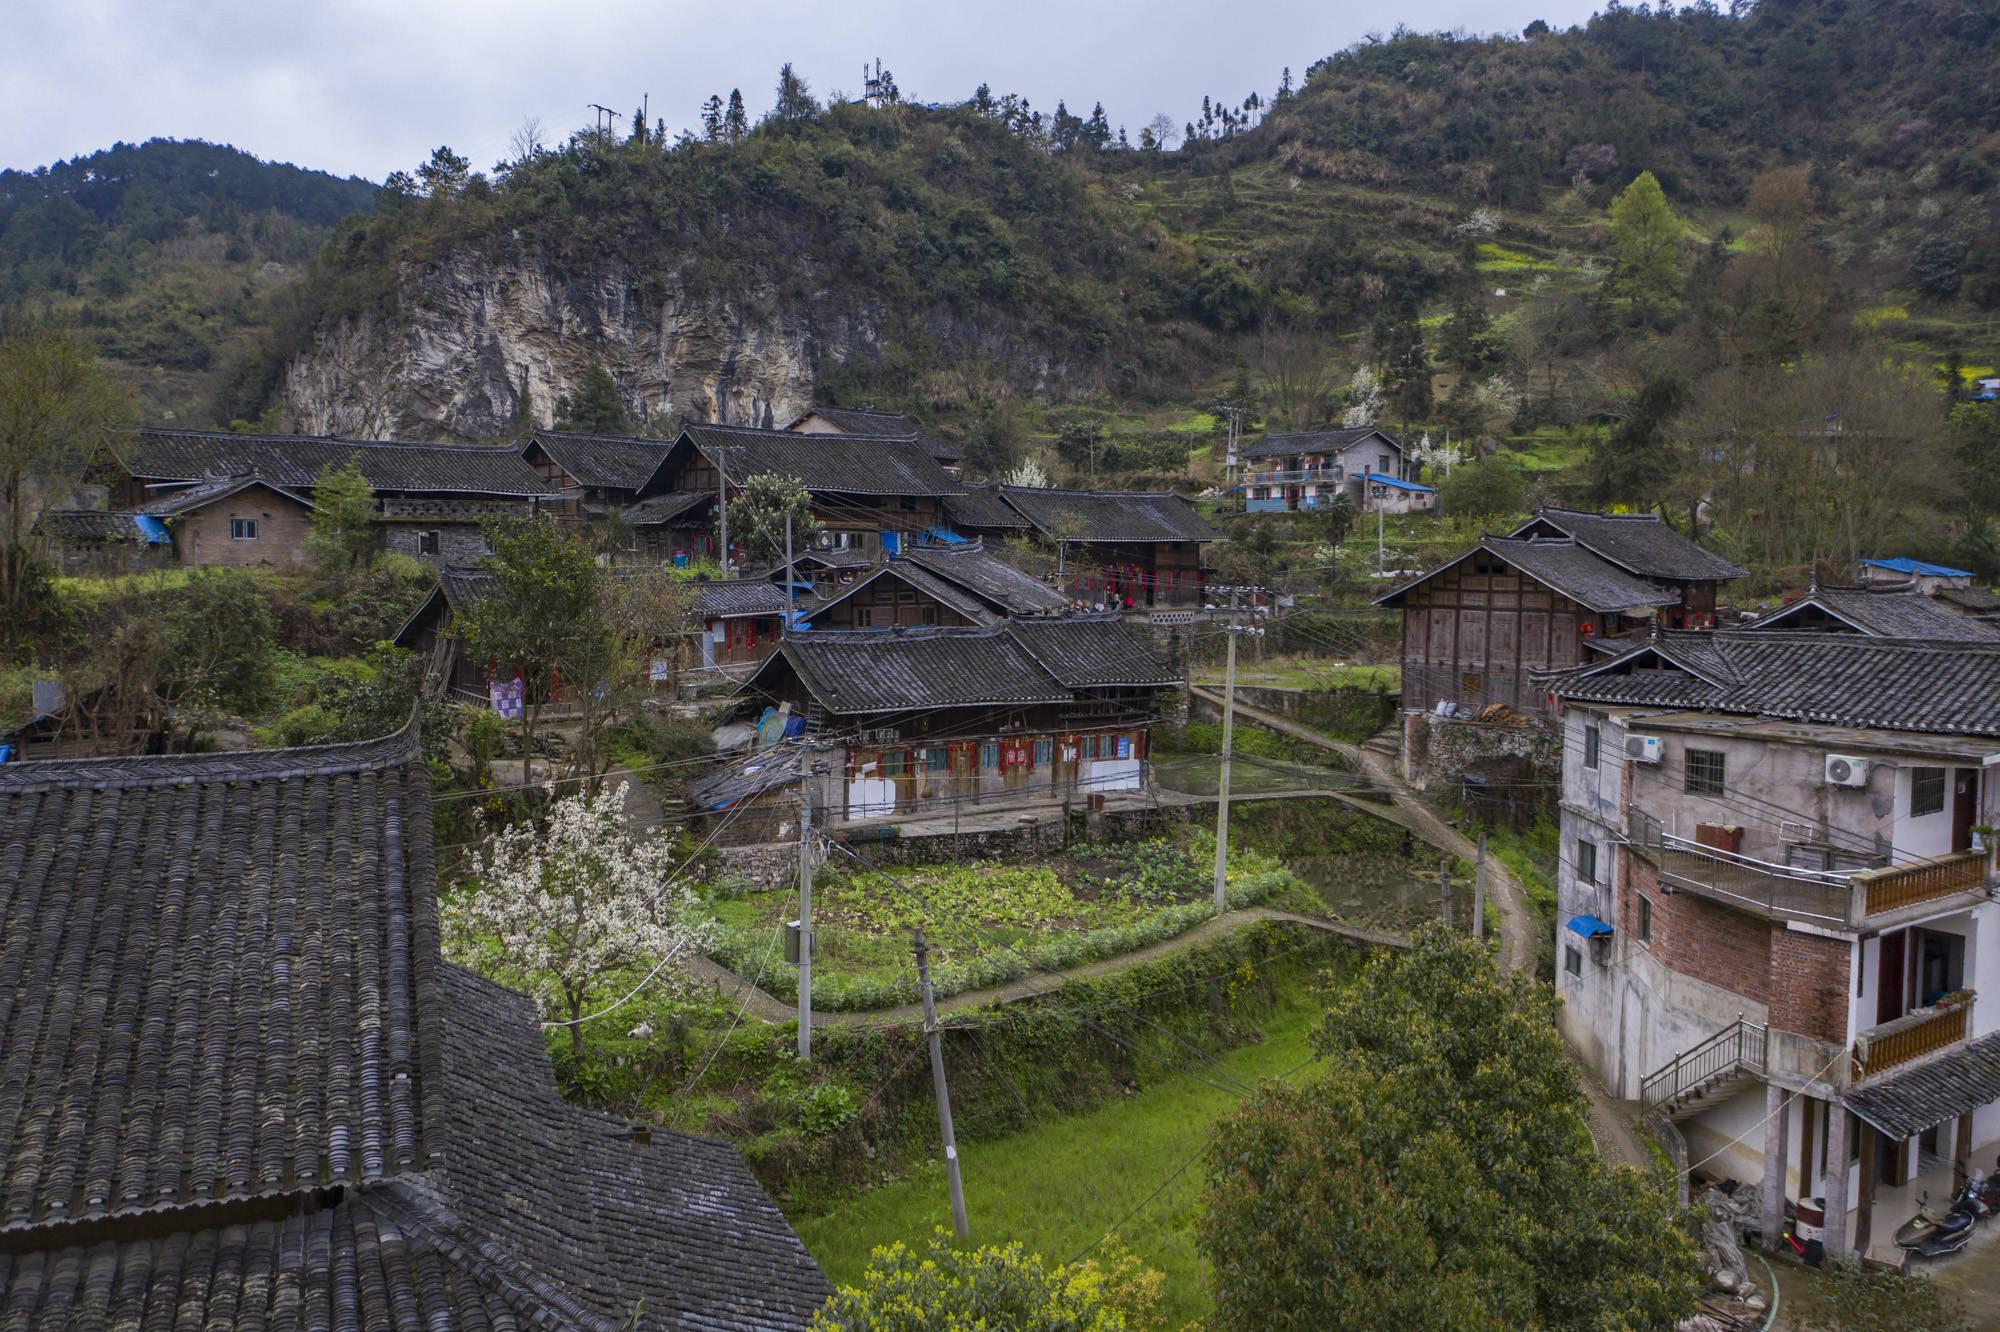 原創             貴州山洞里藏著千年法術,中國文物指定修復紙,如今卻面臨失傳